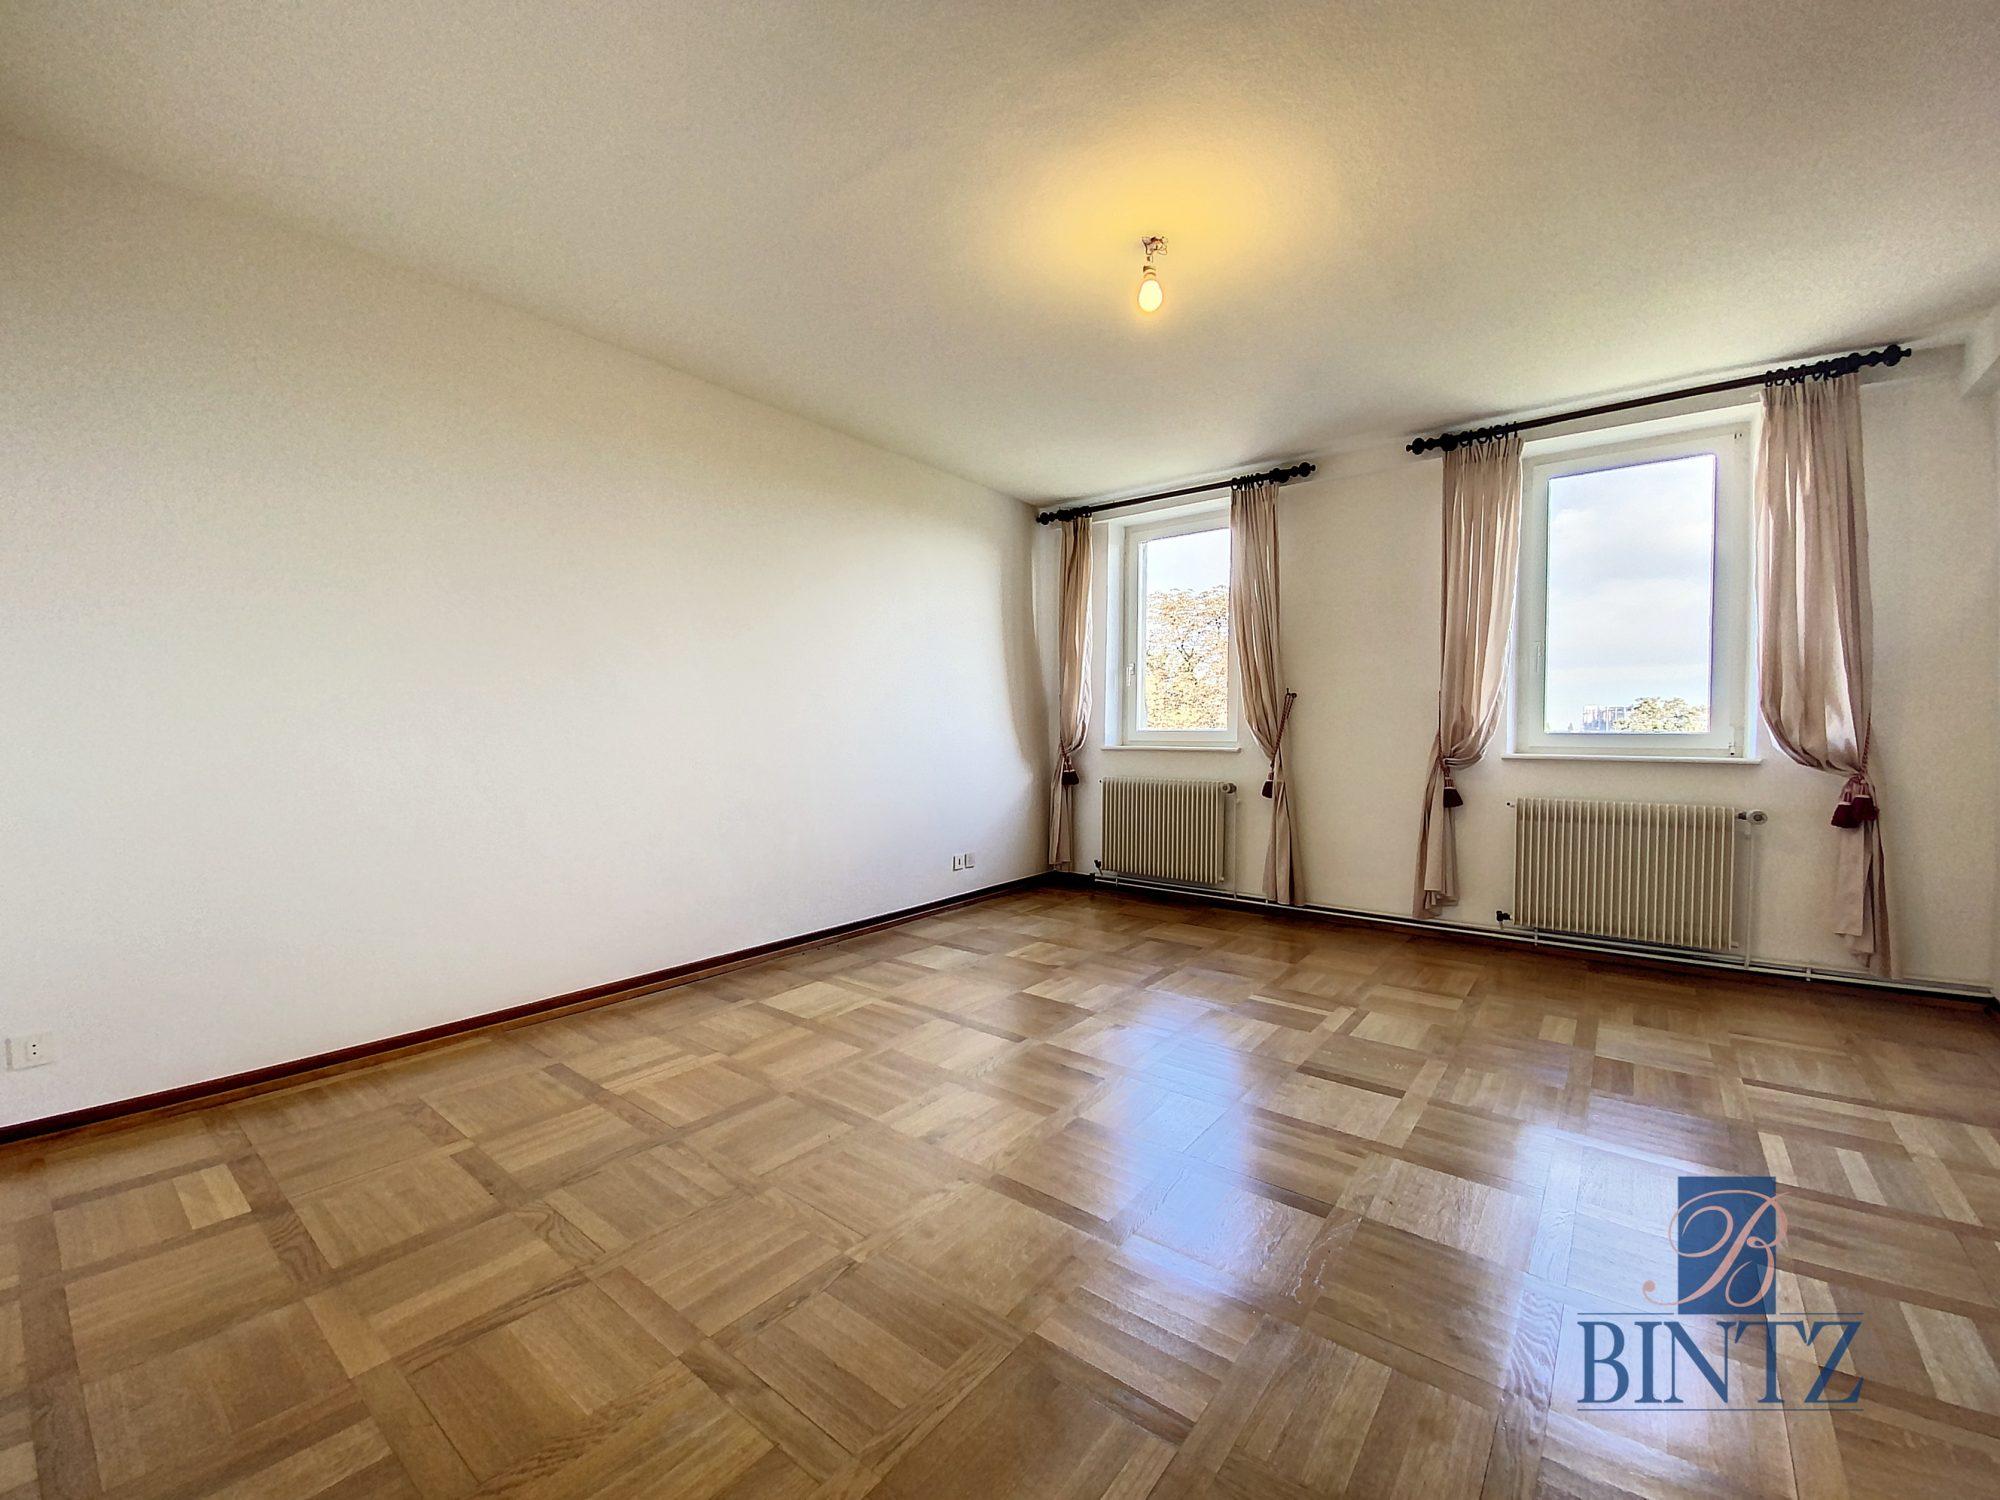 DUPLEX avec terrasse PLACE DE L'UNIVERSITÉ AVEC TERRASSE - Devenez locataire en toute sérénité - Bintz Immobilier - 8